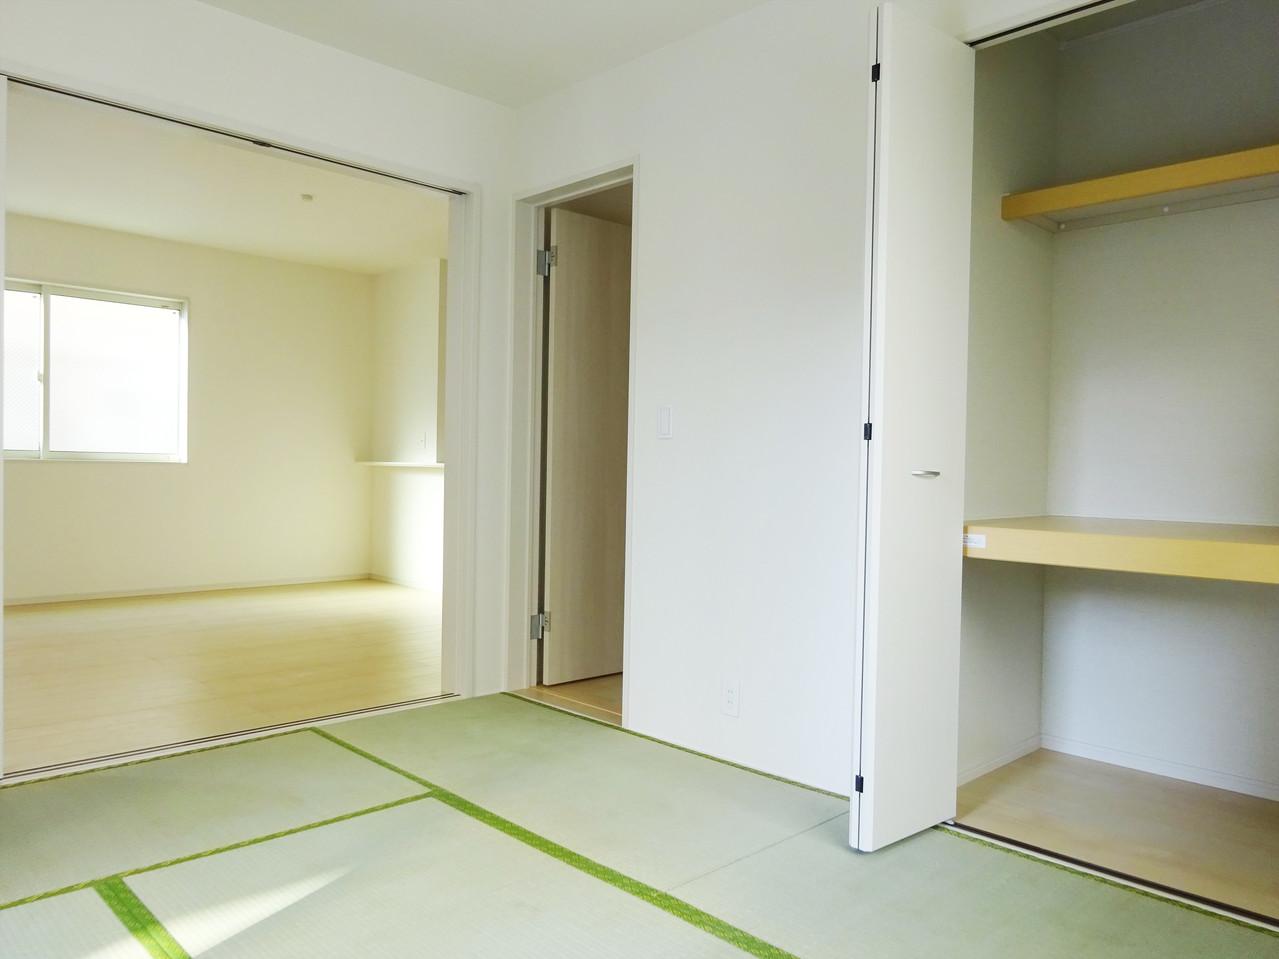 和室、丁度良い広さでごろごろくつろげる空間。収納も広いので重たい荷物などの収納や季節ごとの用品収納にももってこい♪